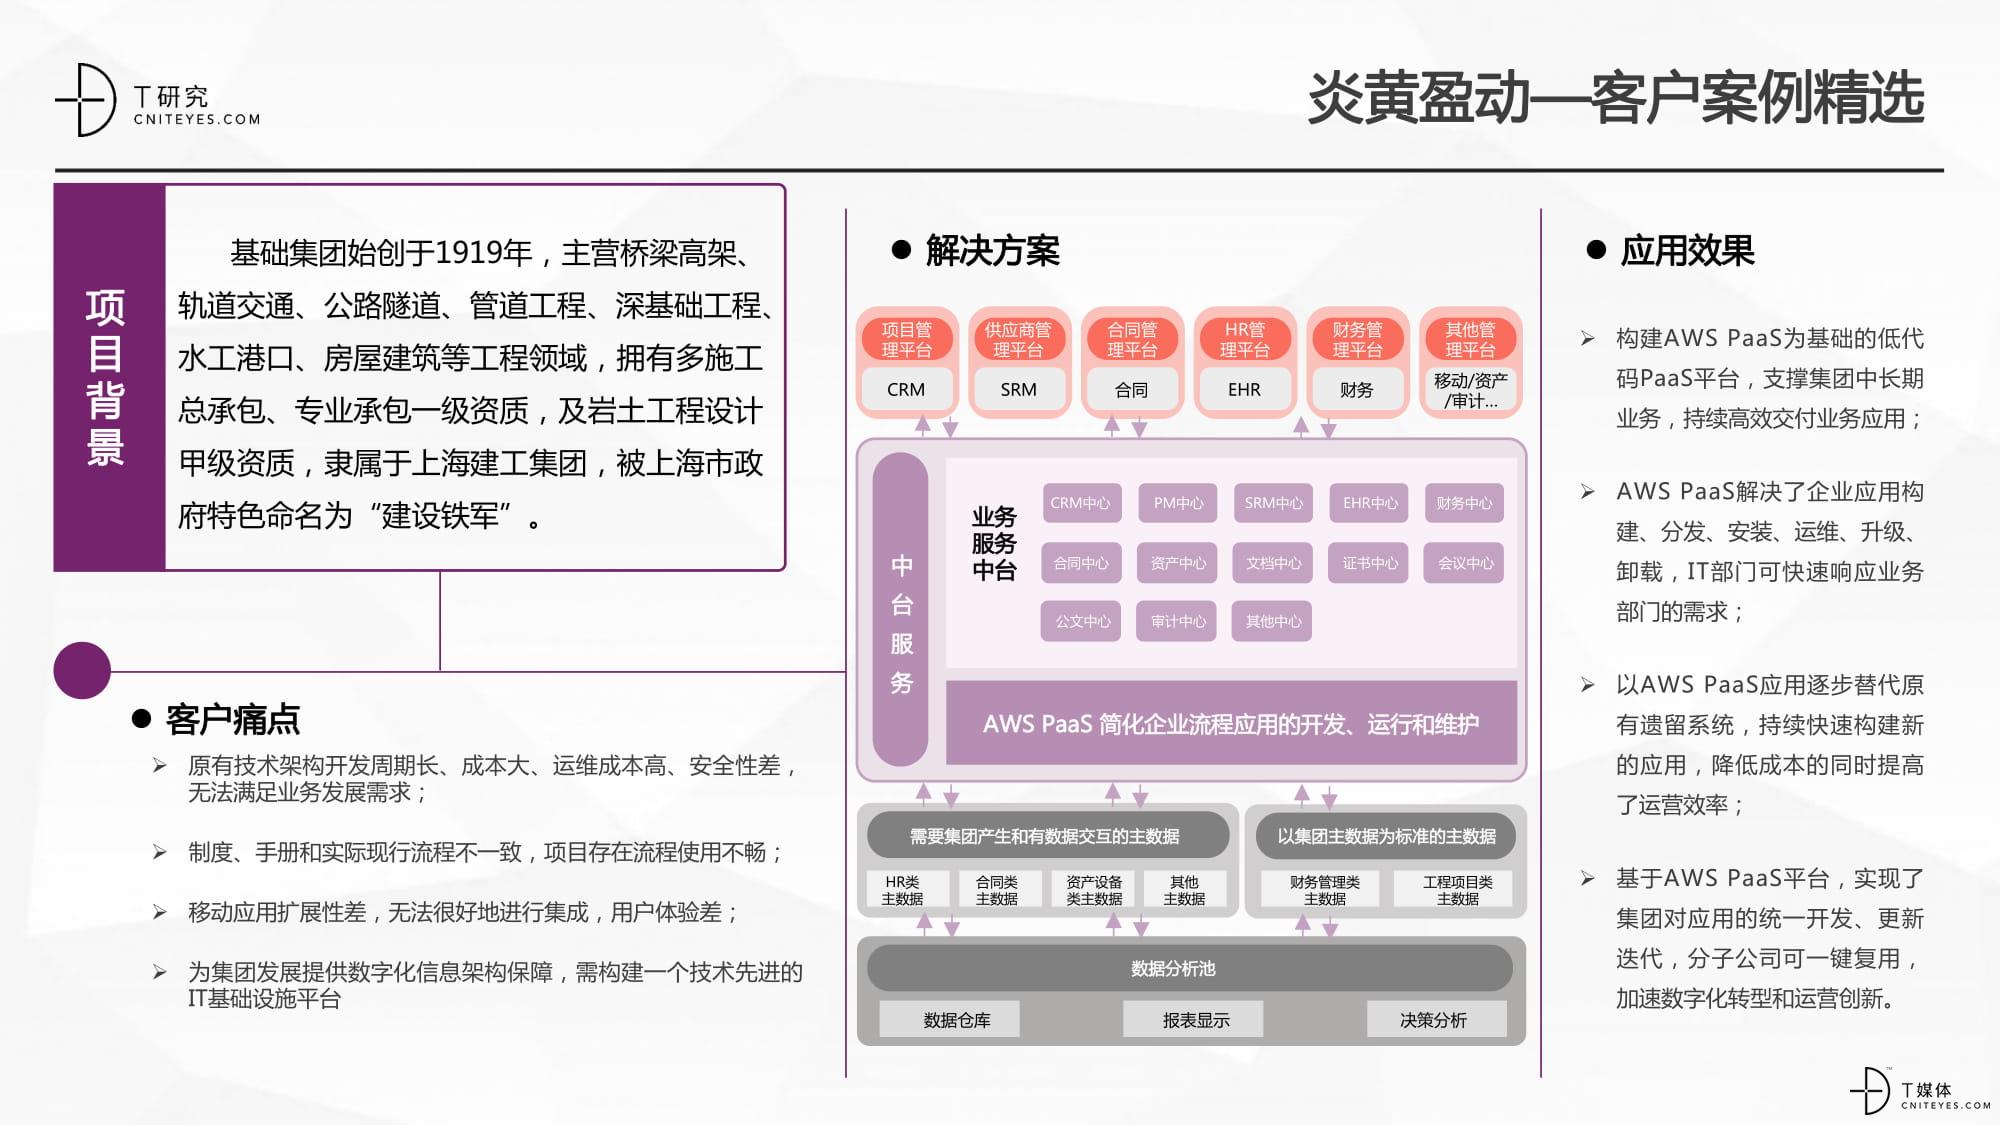 副本副本2020中国低代码平台指数测评报告V2.3-28.jpg